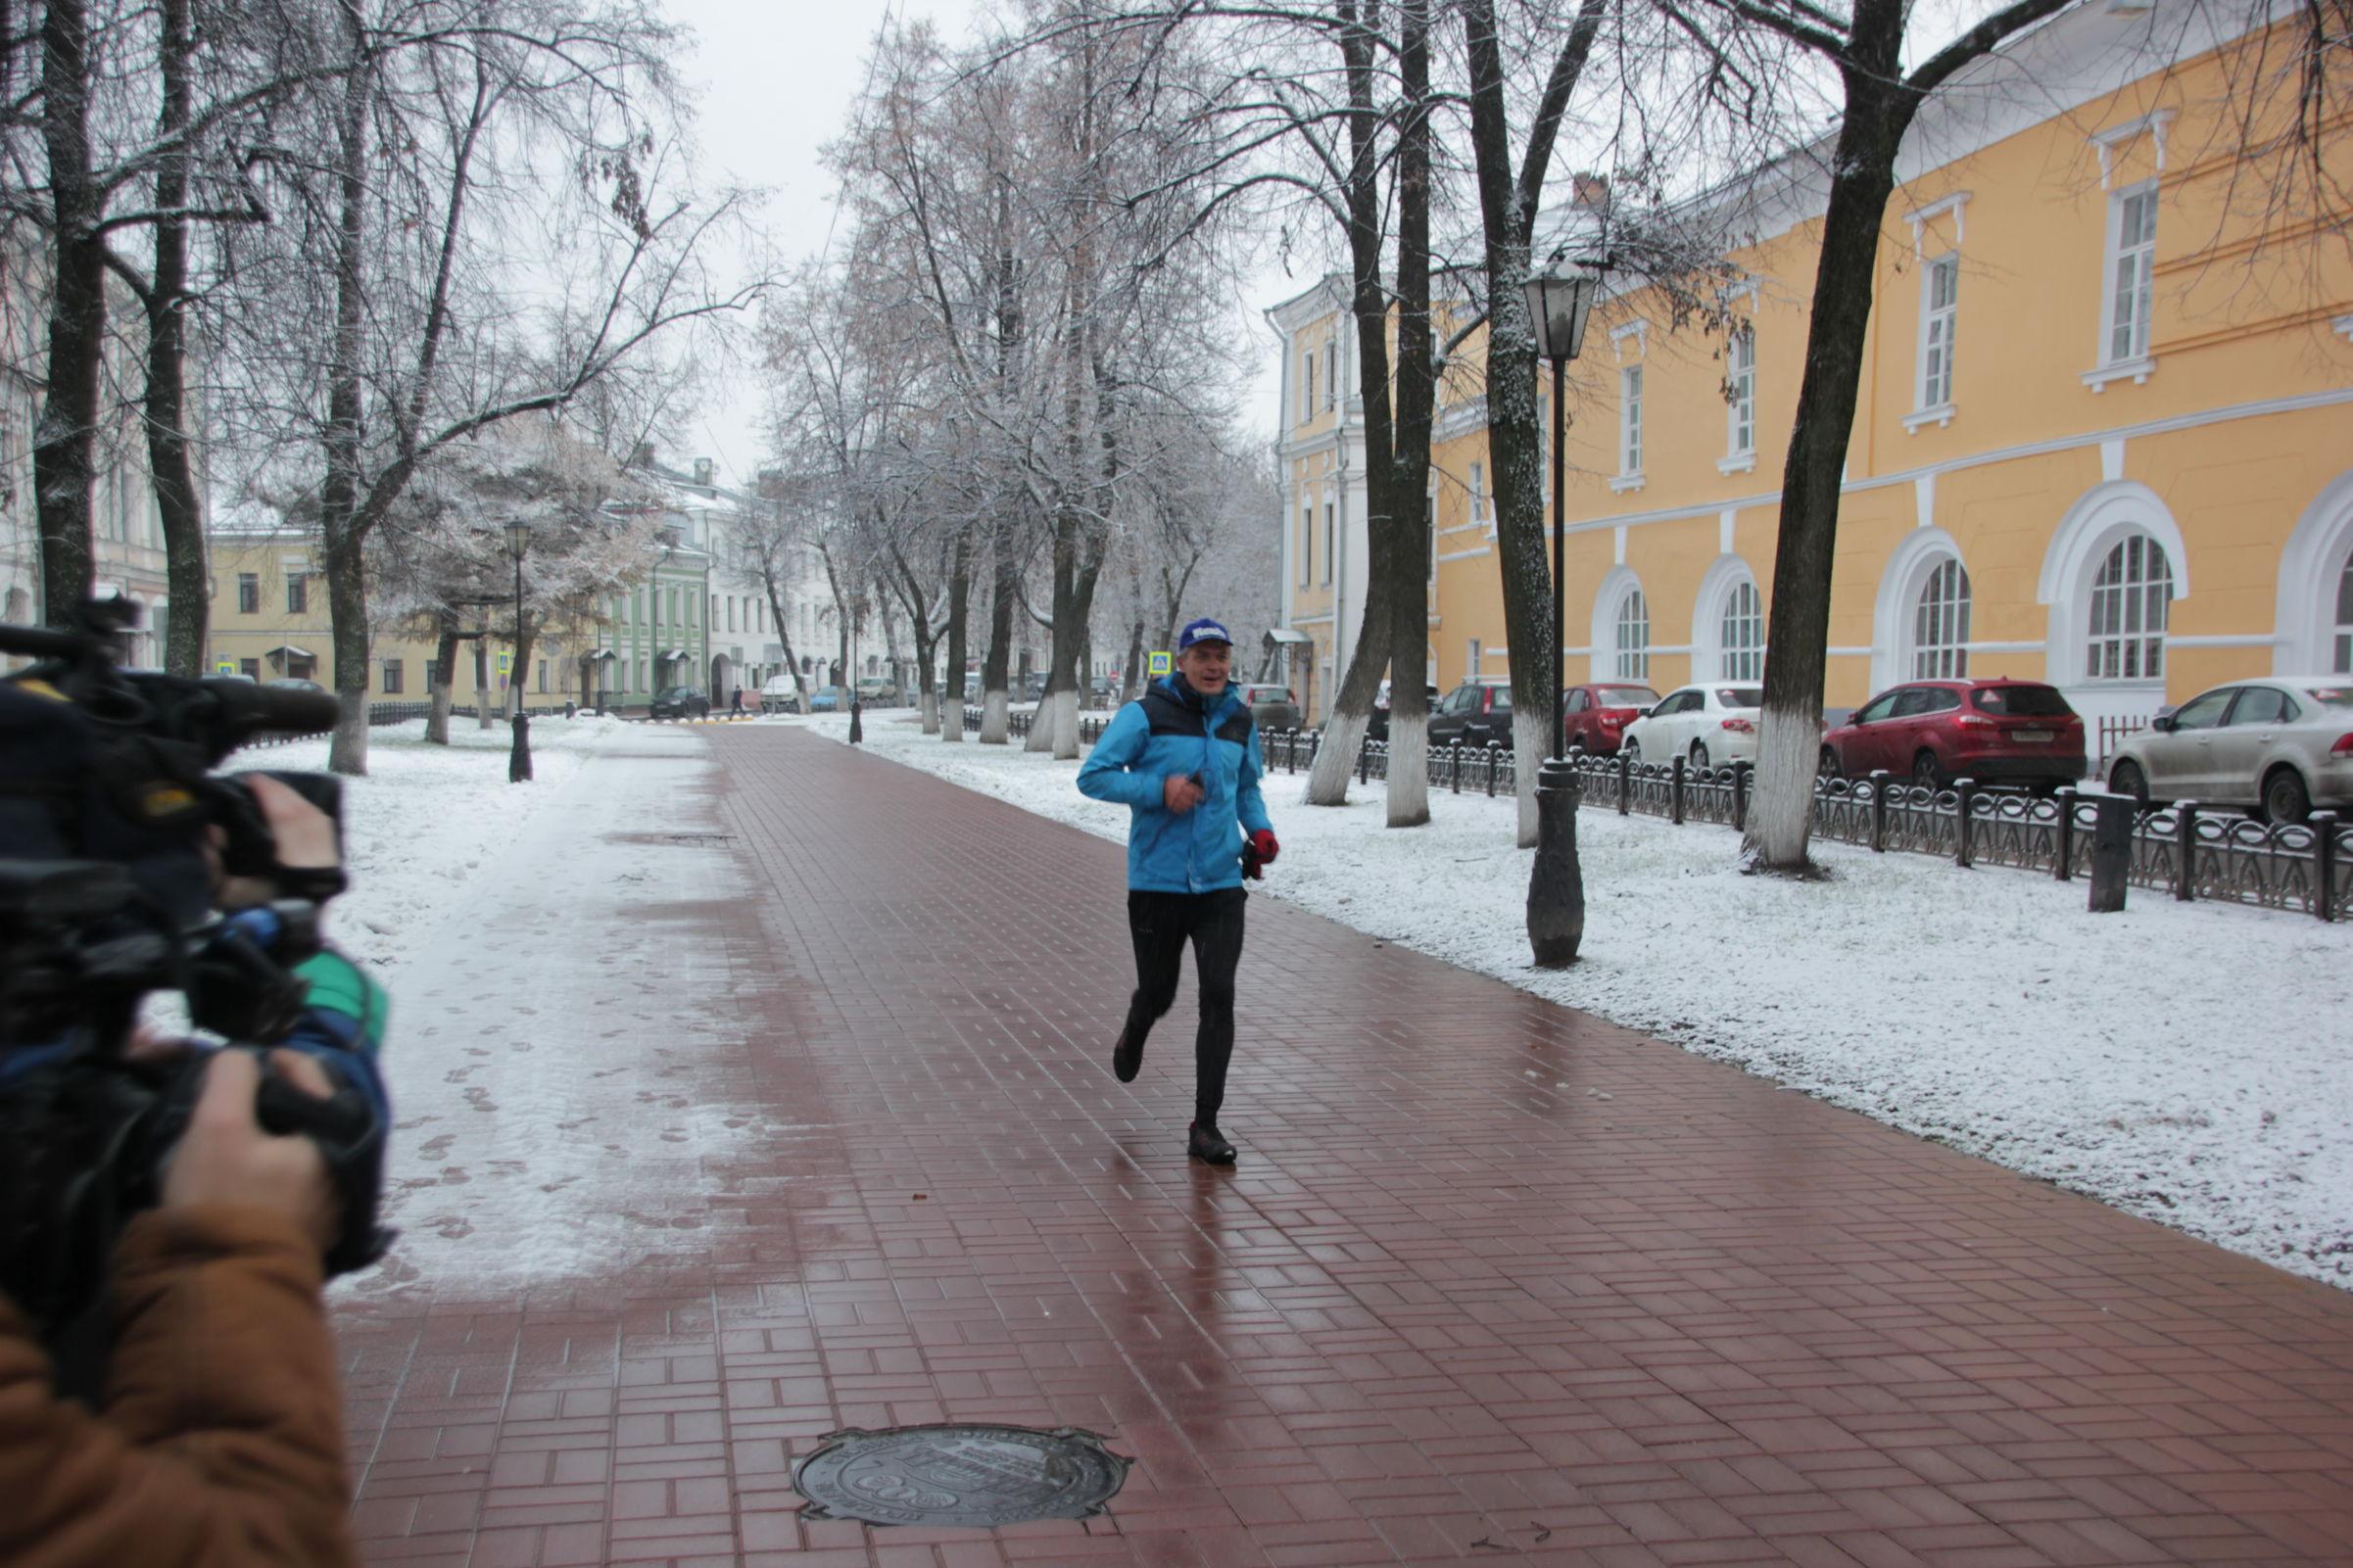 Ультрамарафонец Дмитрий Ерохин пробежит 108 километров по городам Золотого кольца